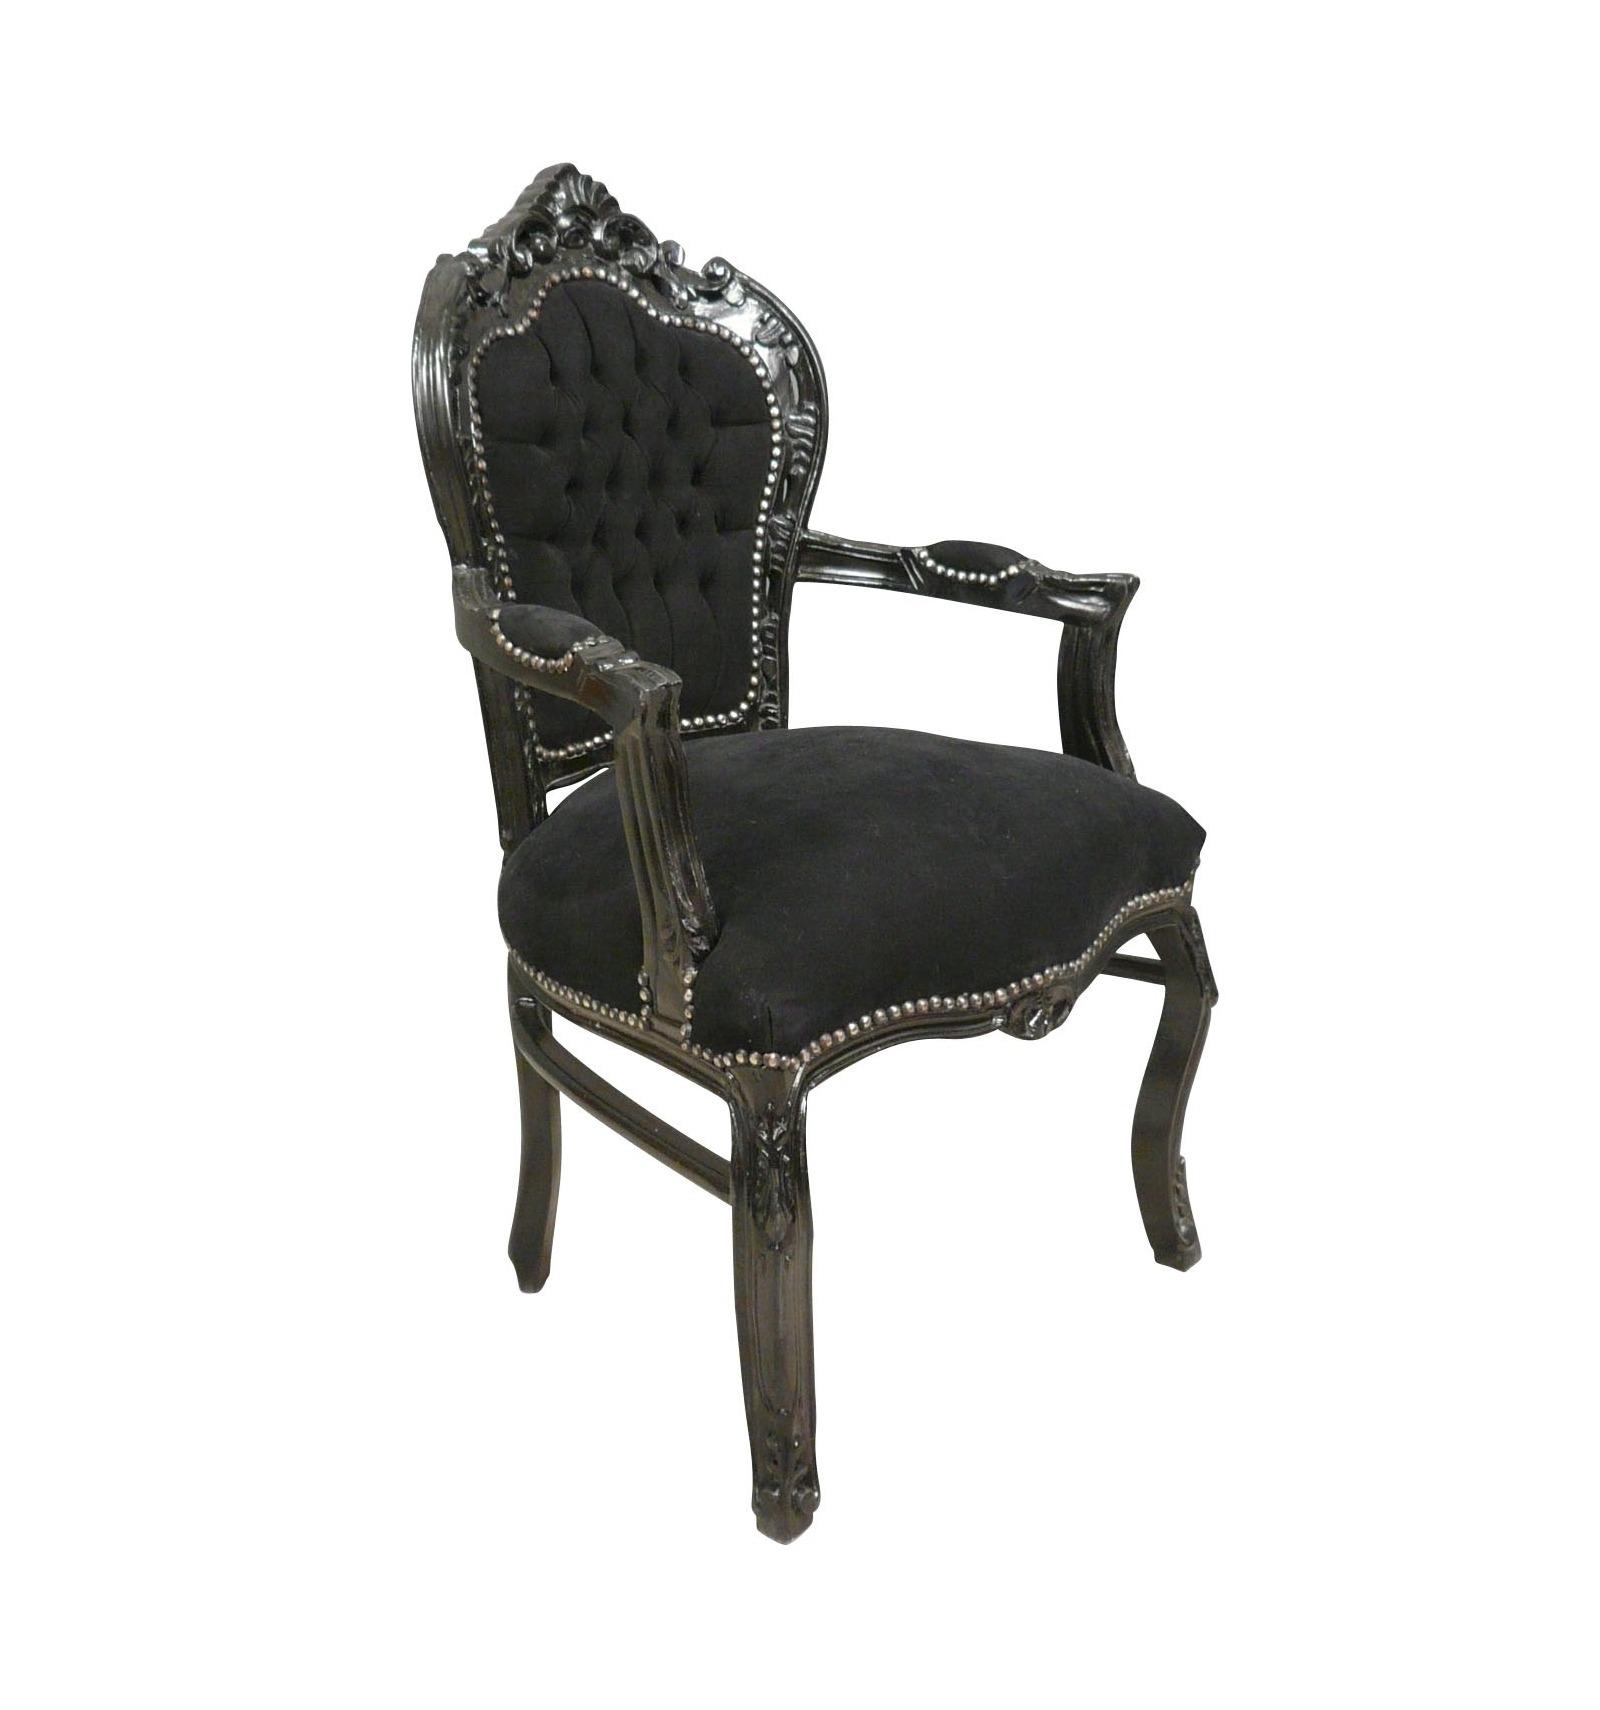 Fauteuil baroque noir chaises baroques - Fauteuil style baroque pas cher ...